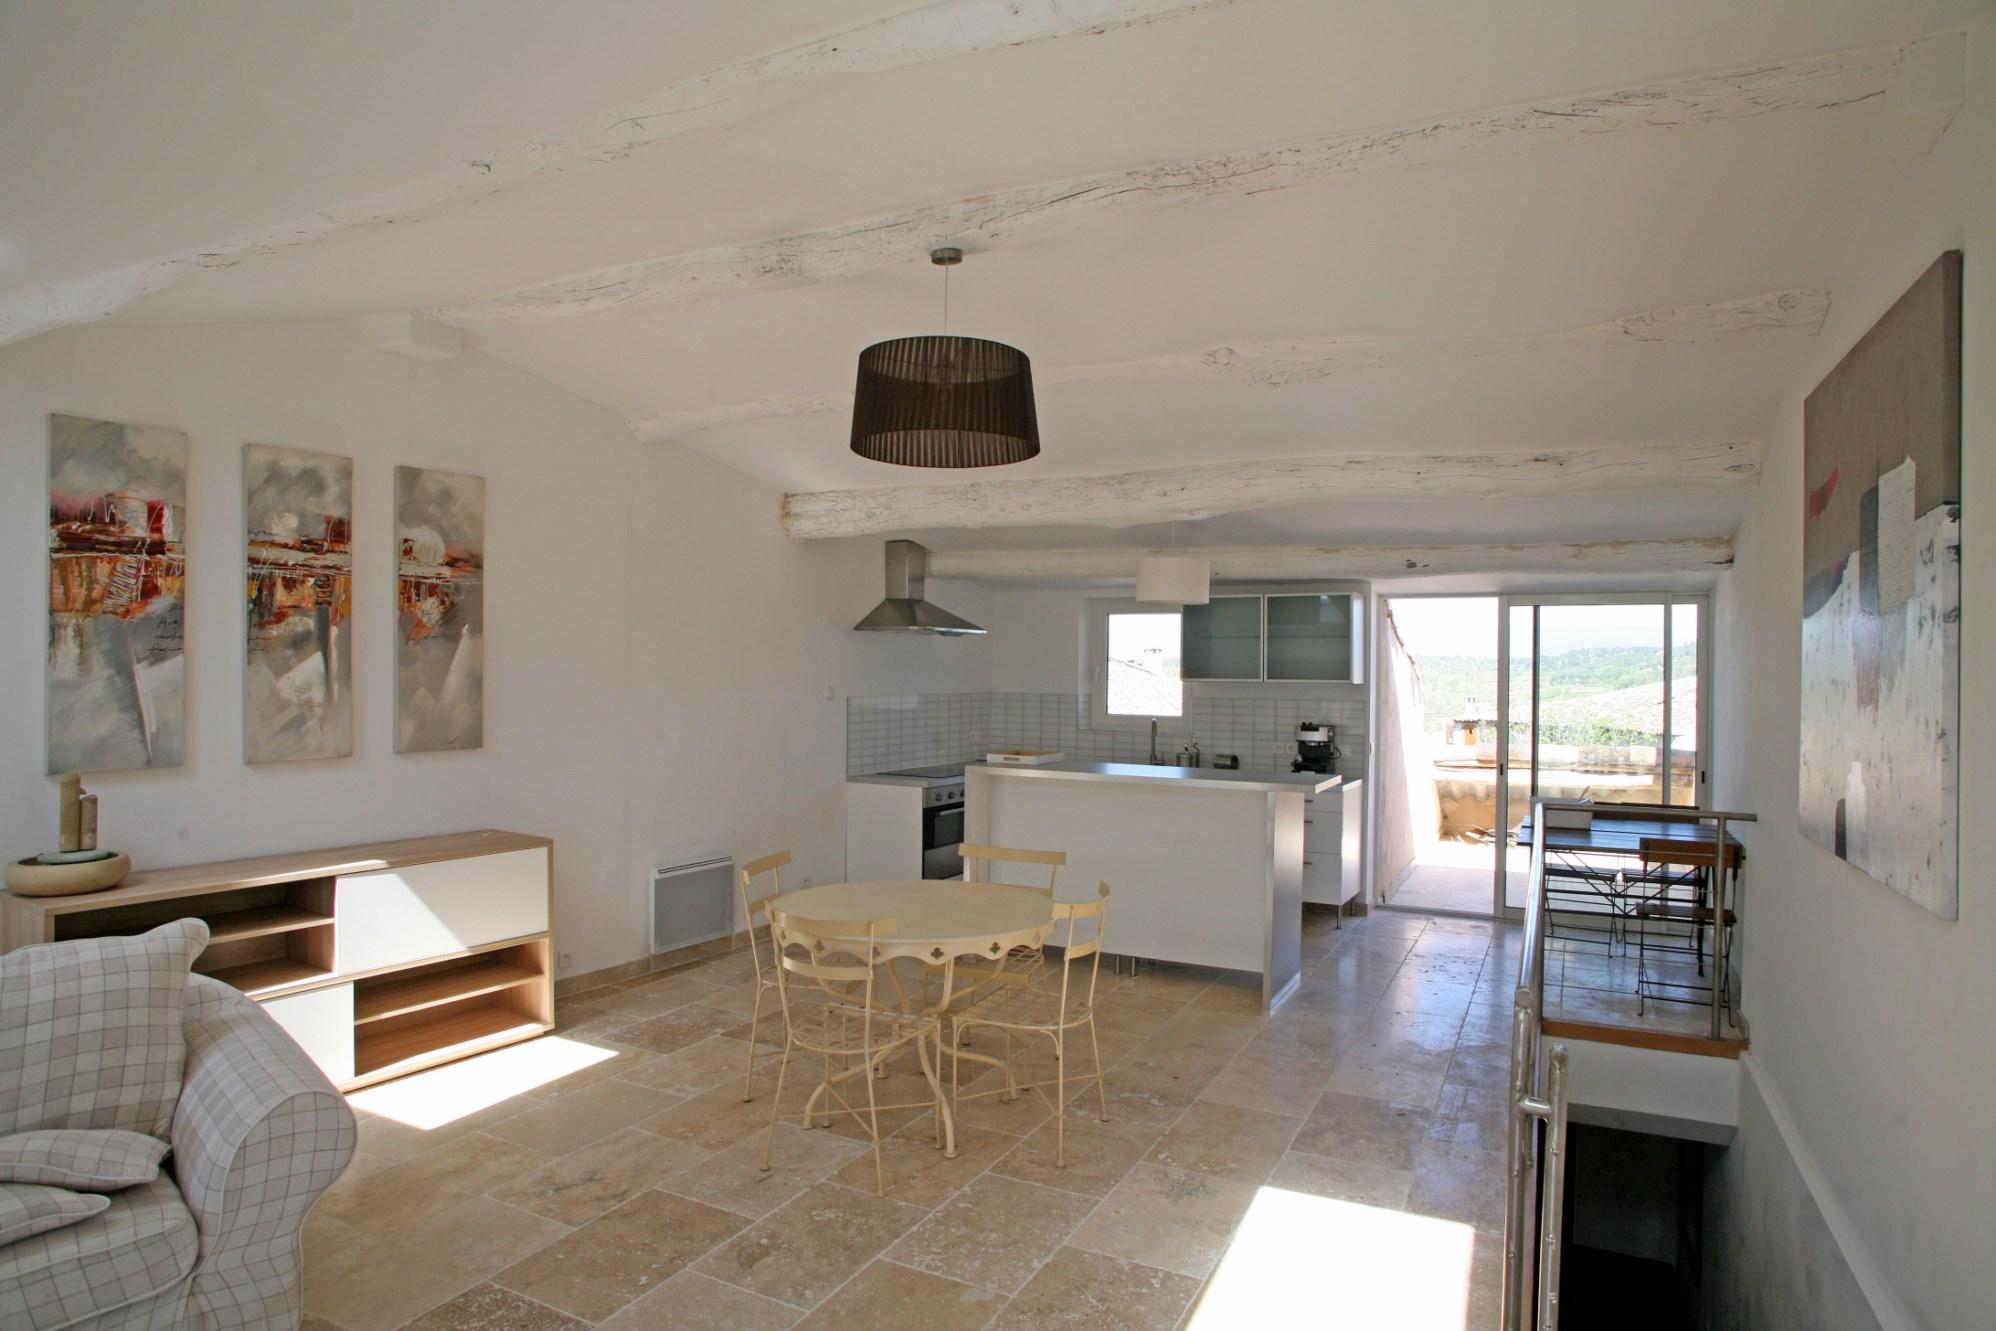 ventes a vendre goult en luberon maison de village r nov e avec des mat riaux de qualit. Black Bedroom Furniture Sets. Home Design Ideas